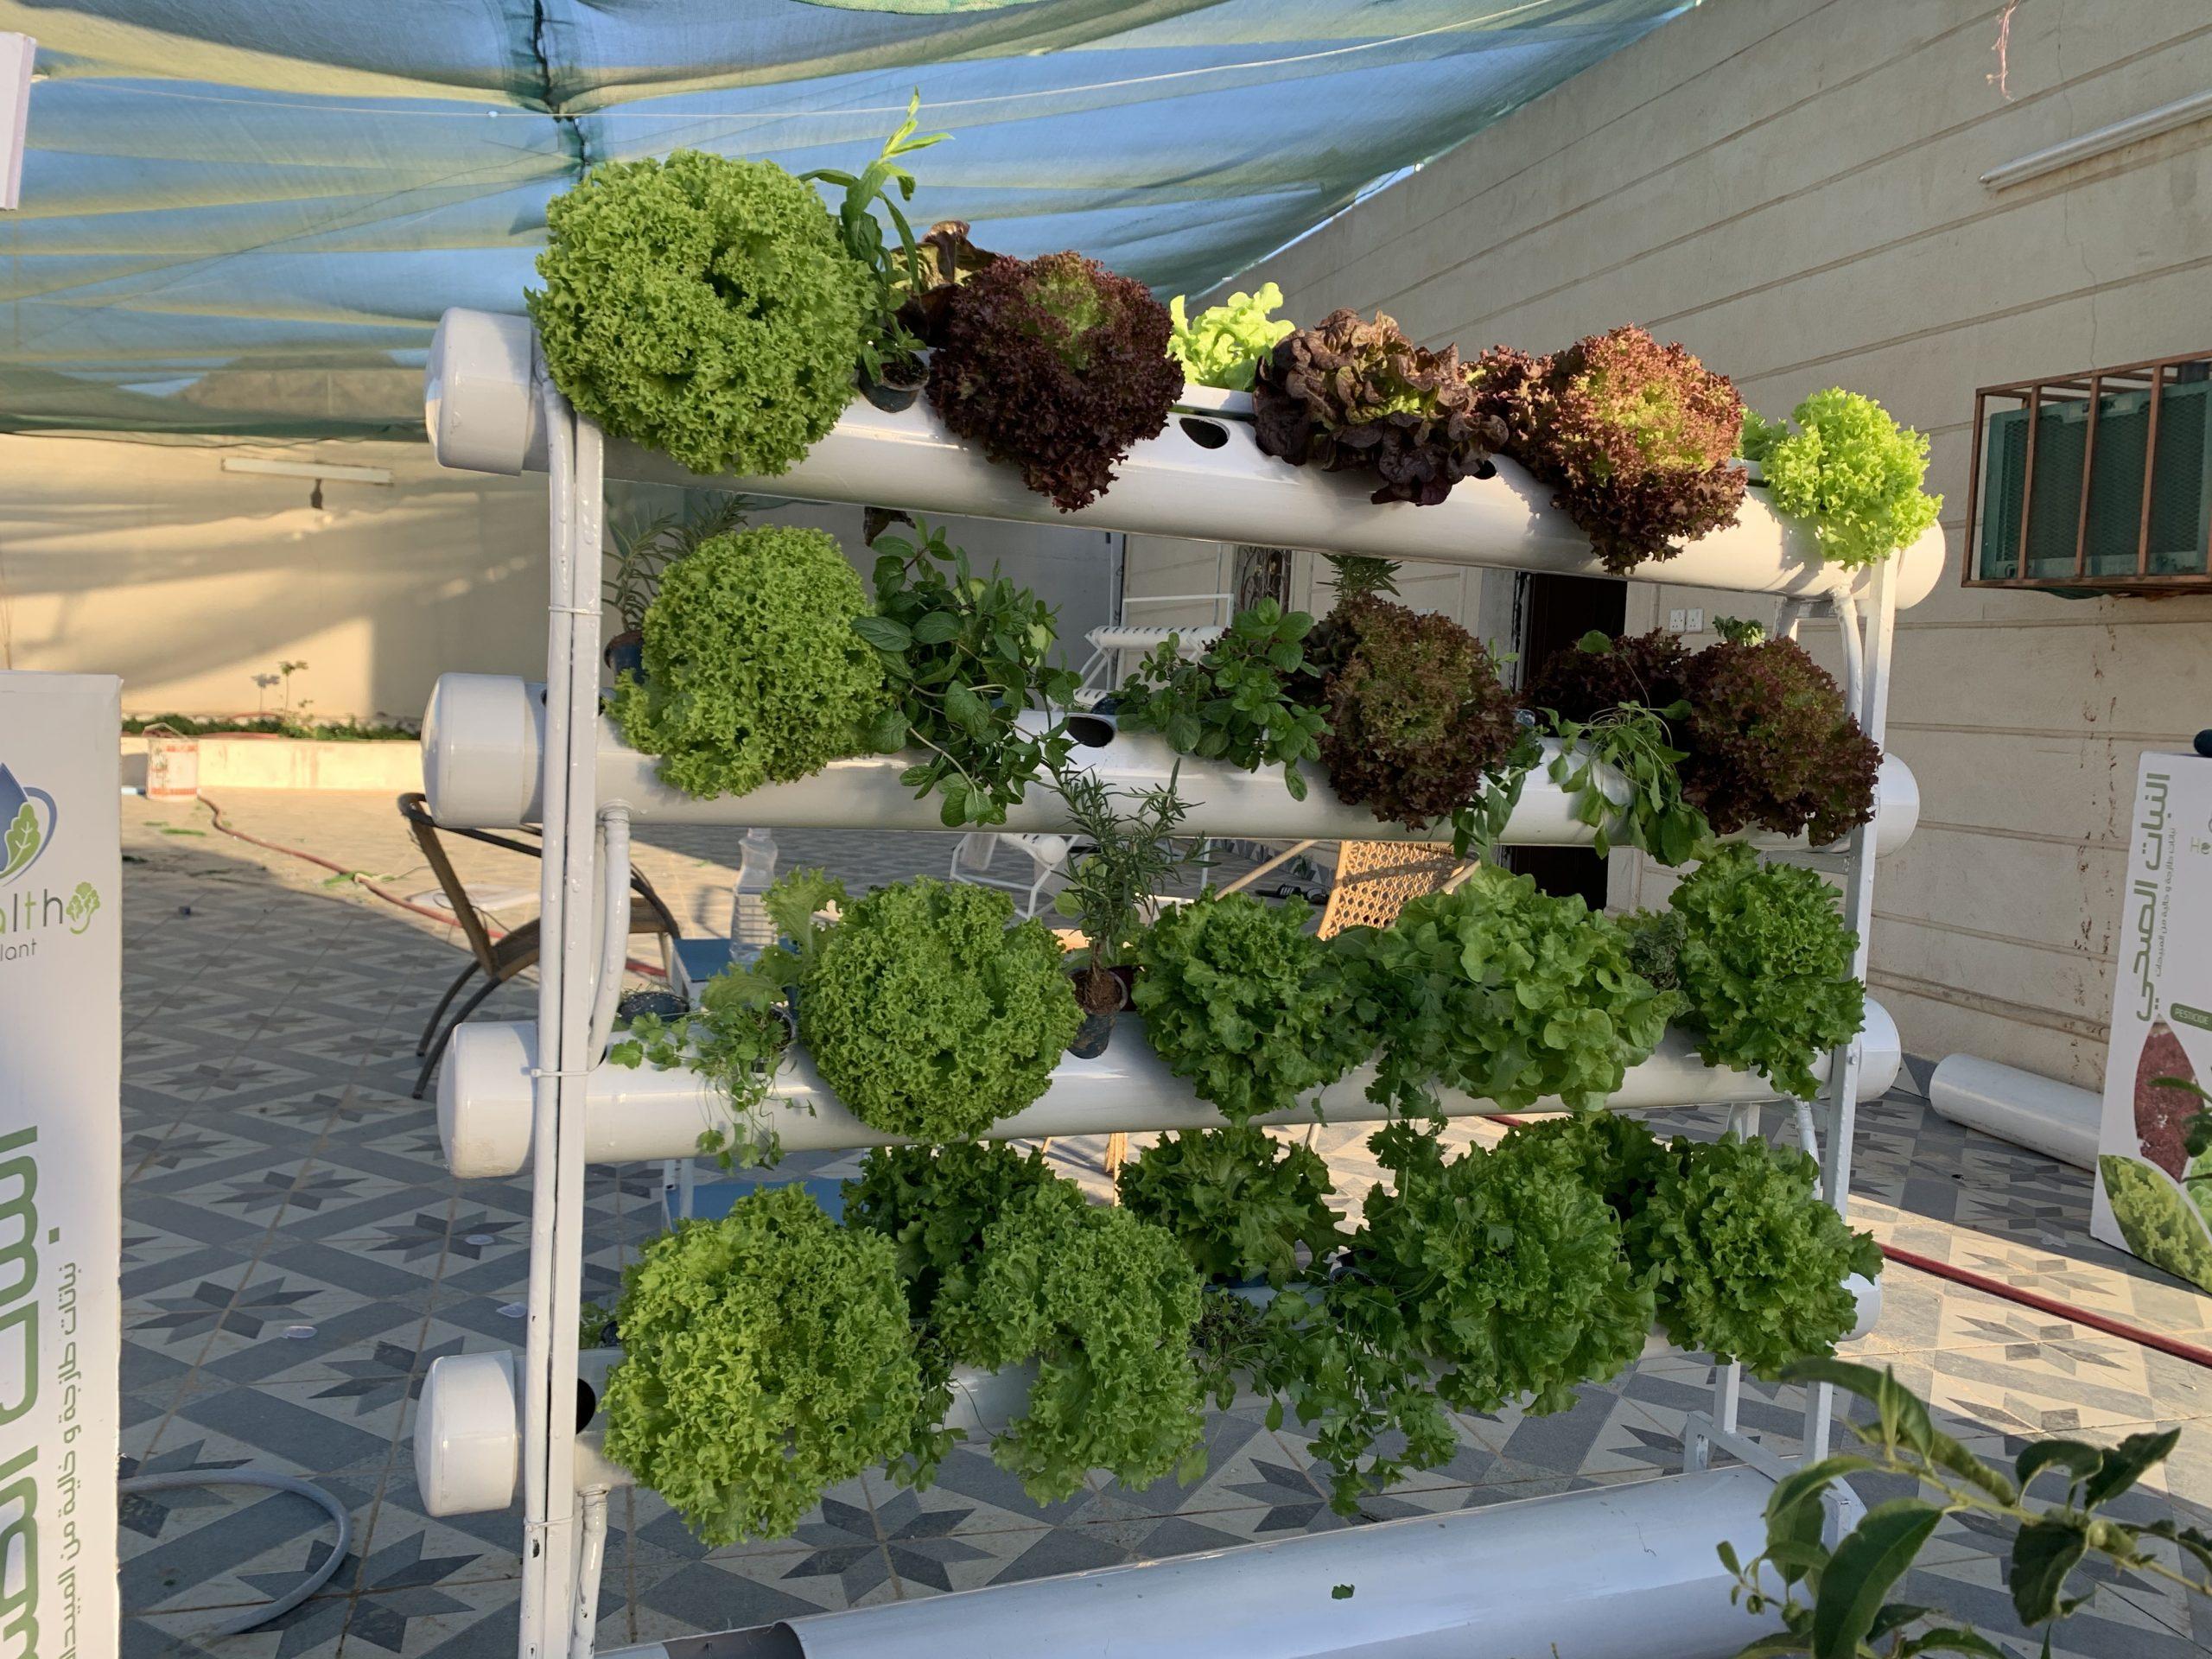 نظام منزلي للزراعة المائية للورقيات